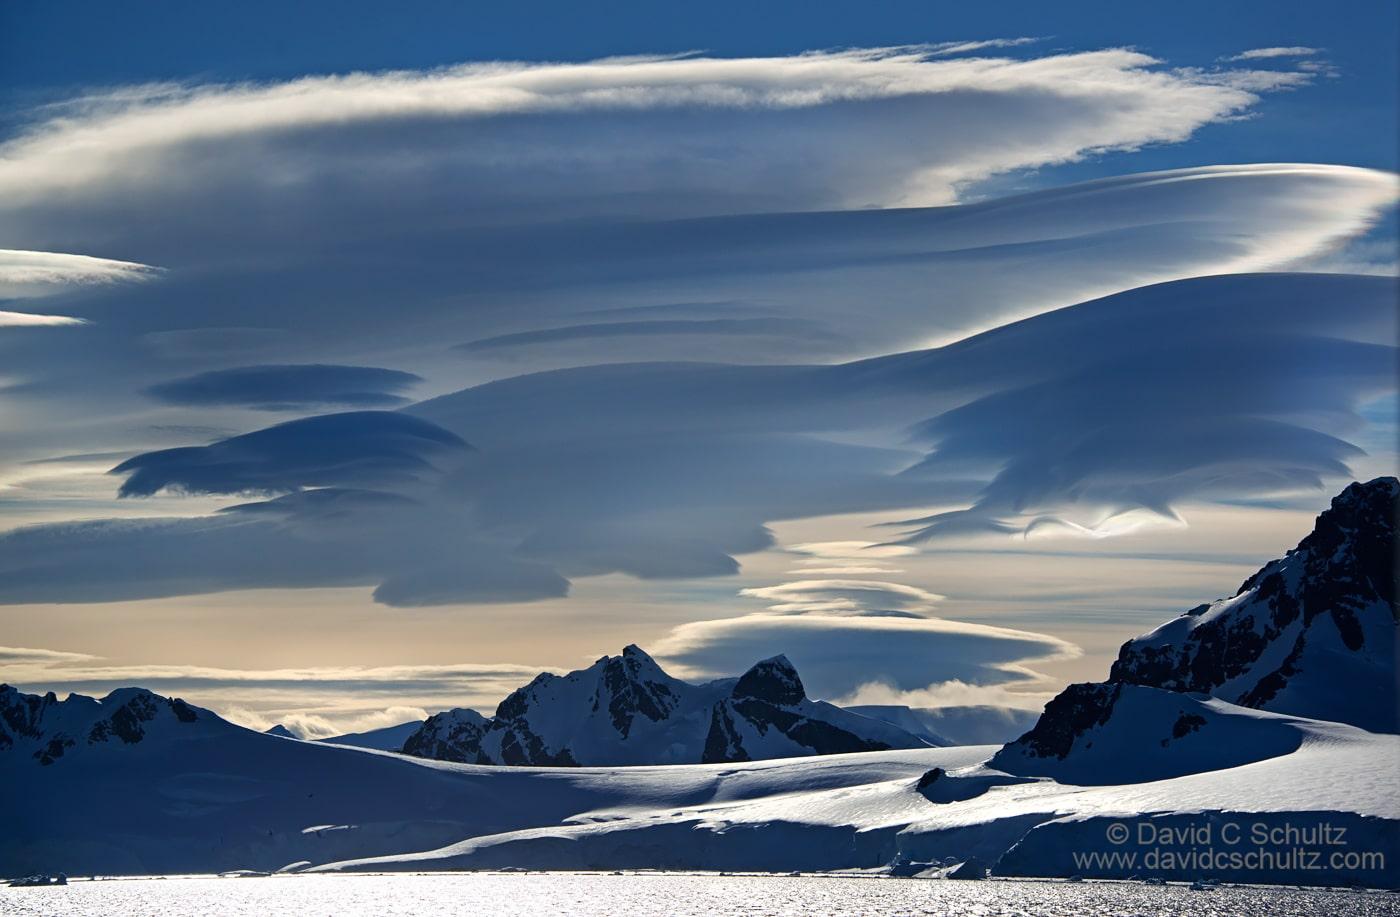 Lenticular clouds in Antarctica - Image #166-1409